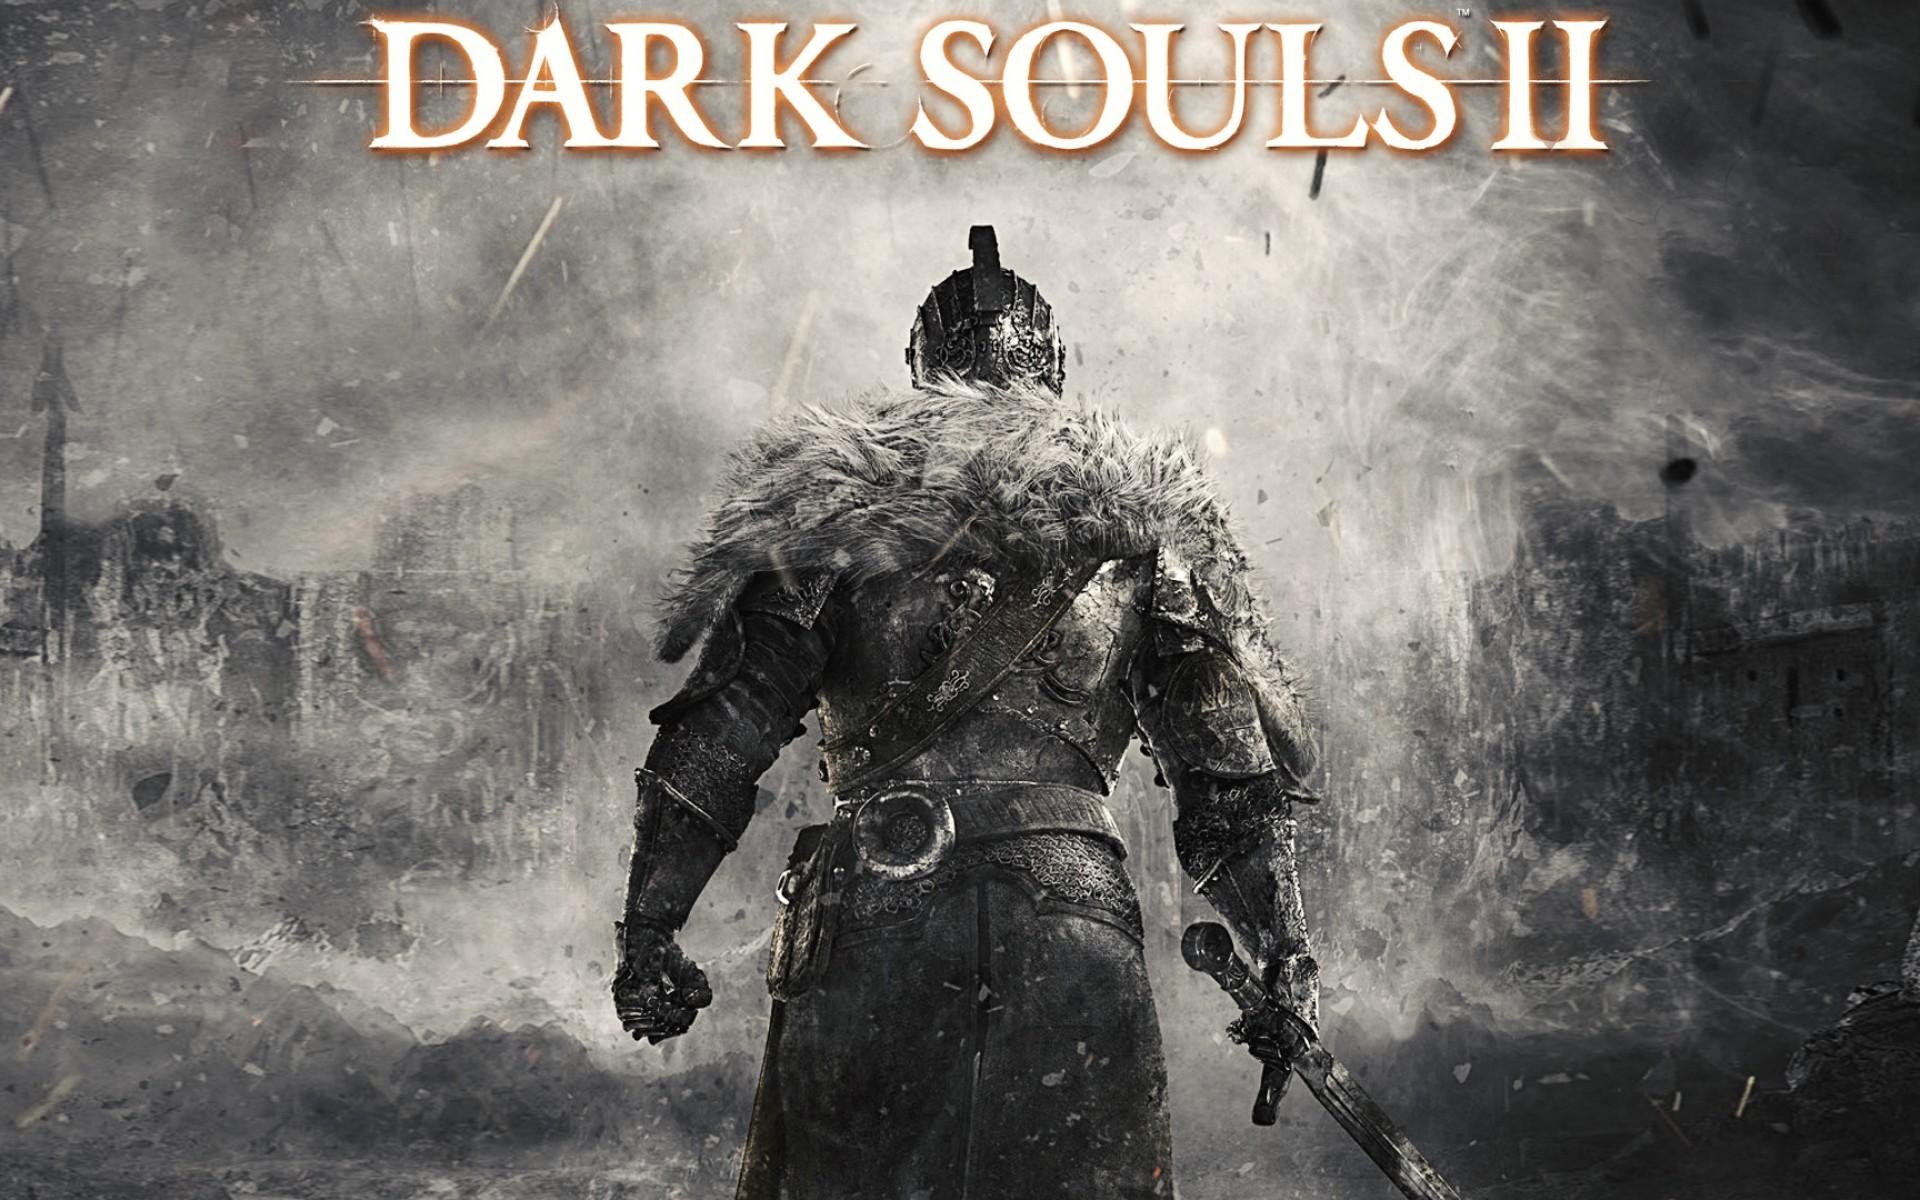 Dark Souls II : Critique D'un Jeu Très Difficile